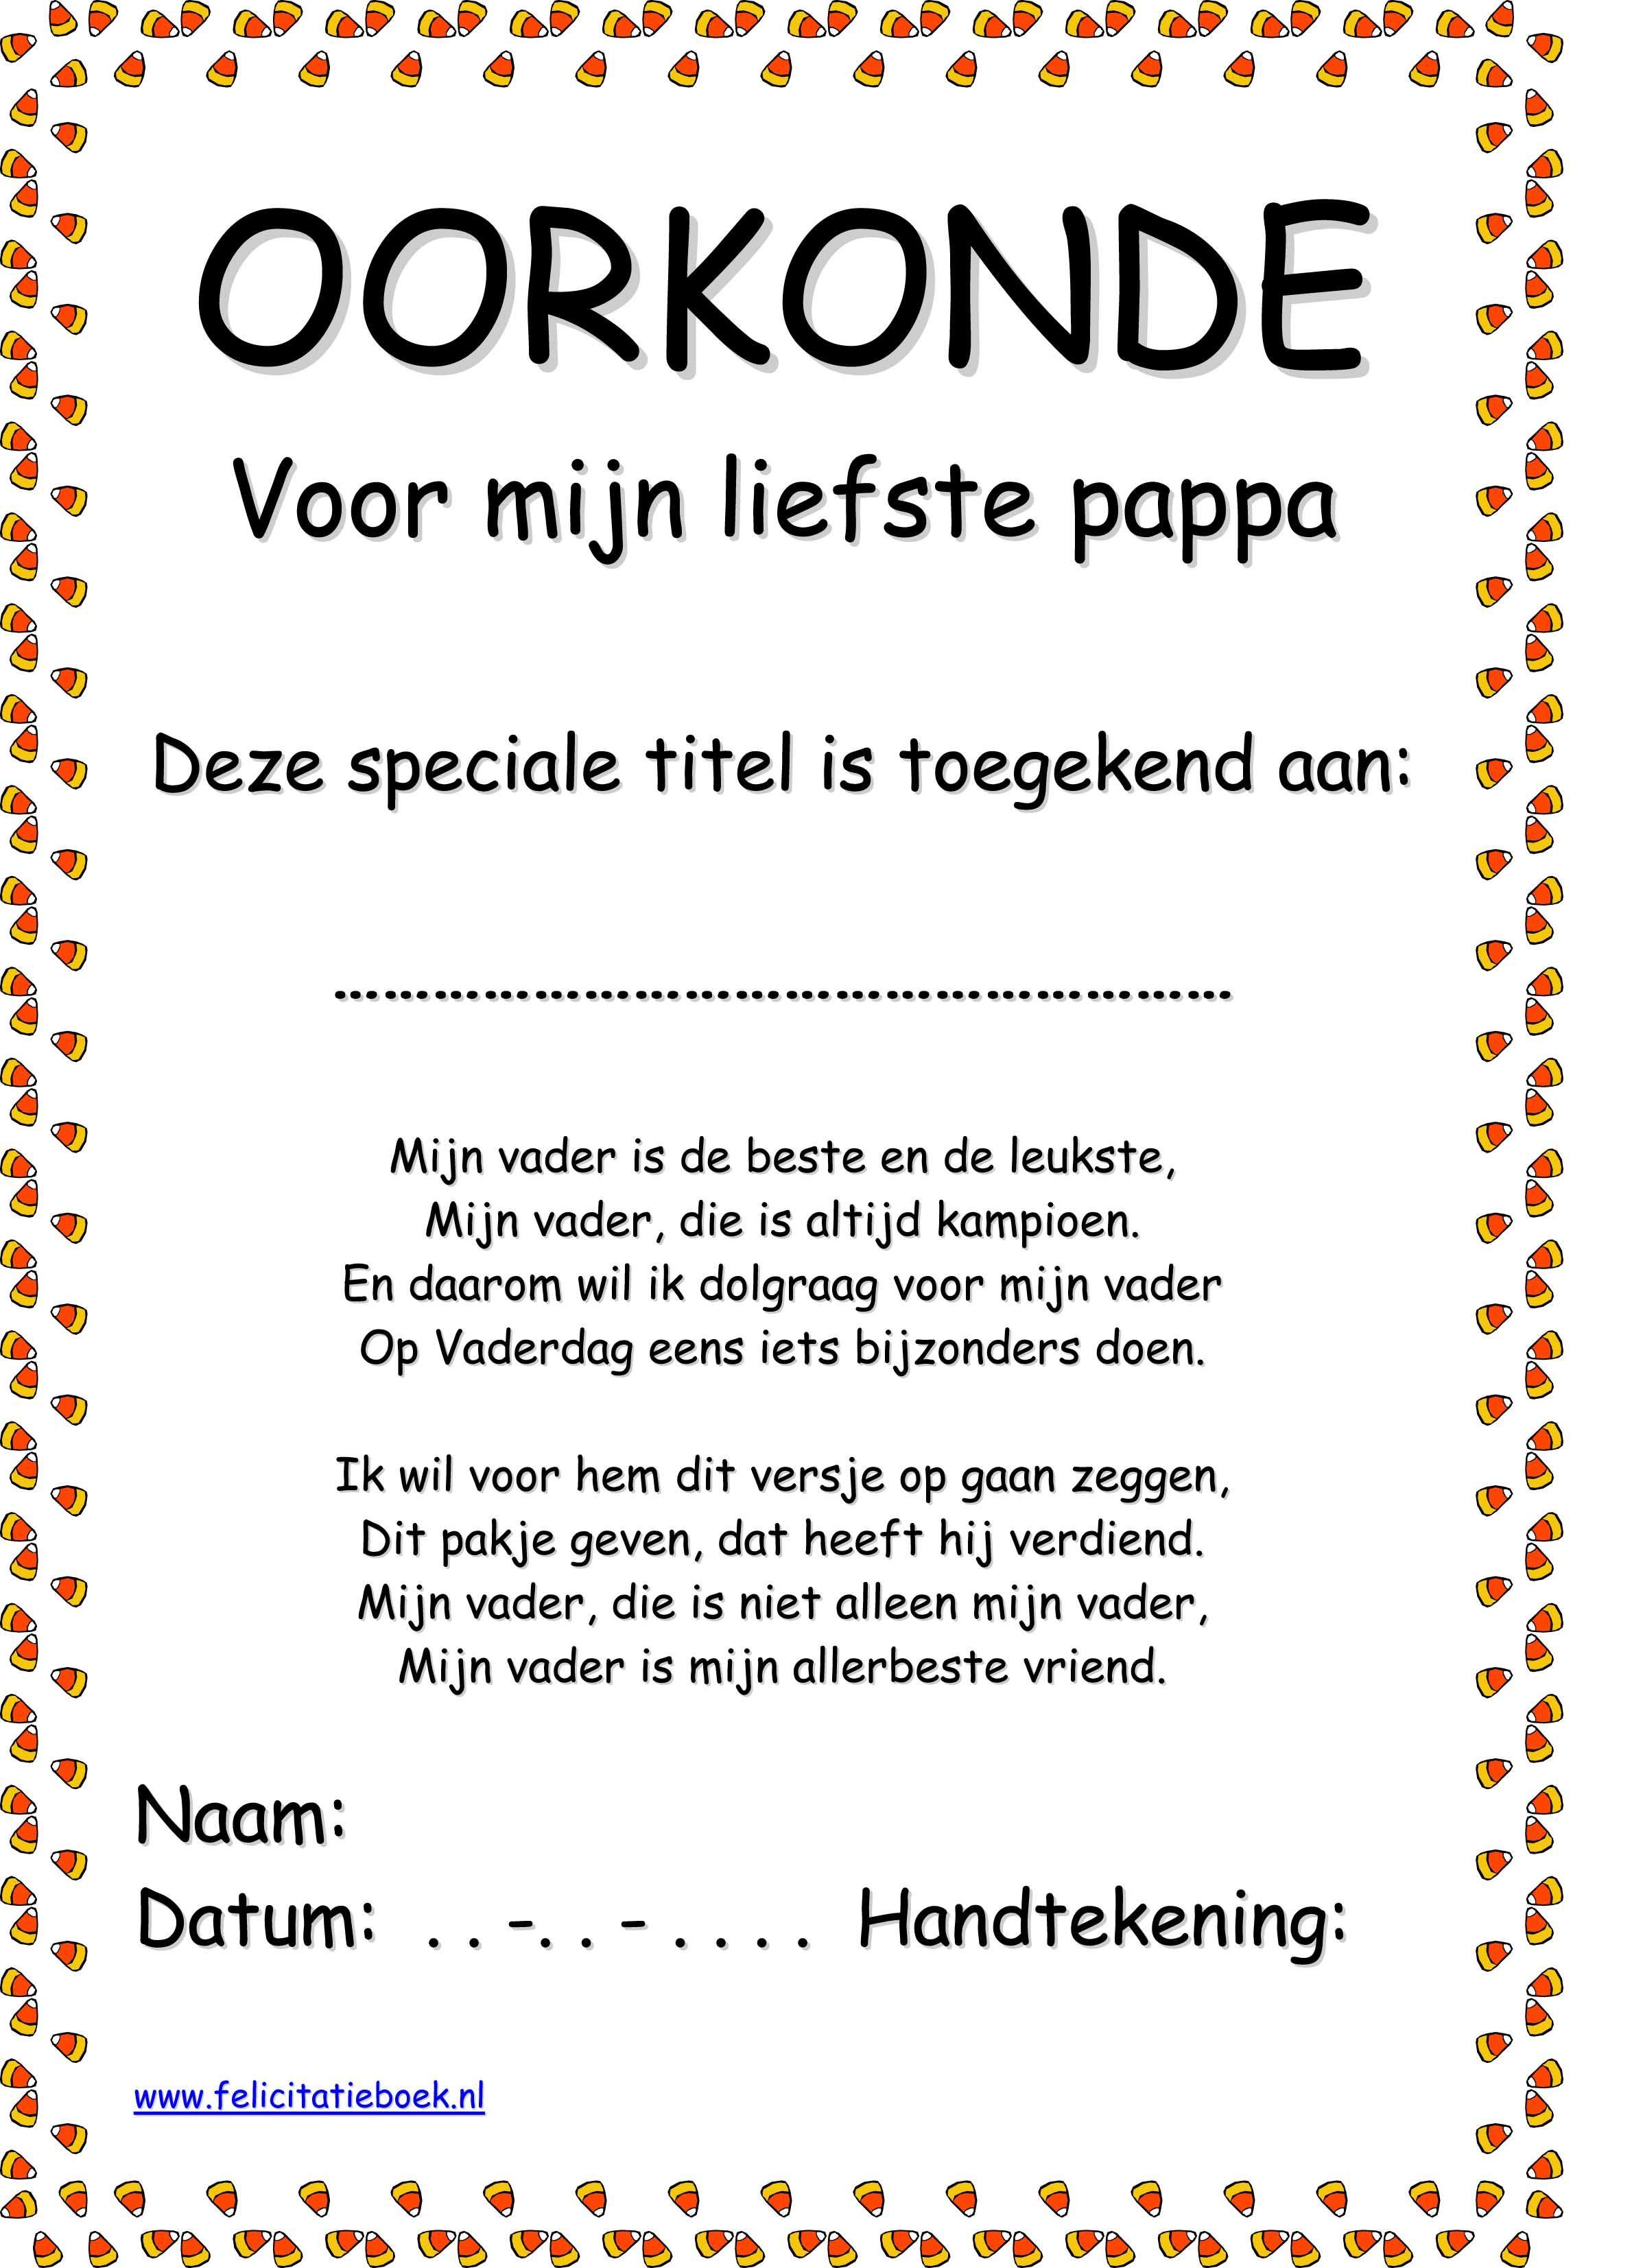 Vaderdag Moederdag oorkonde 2014 voorbeeld zelf maken knutselen ...